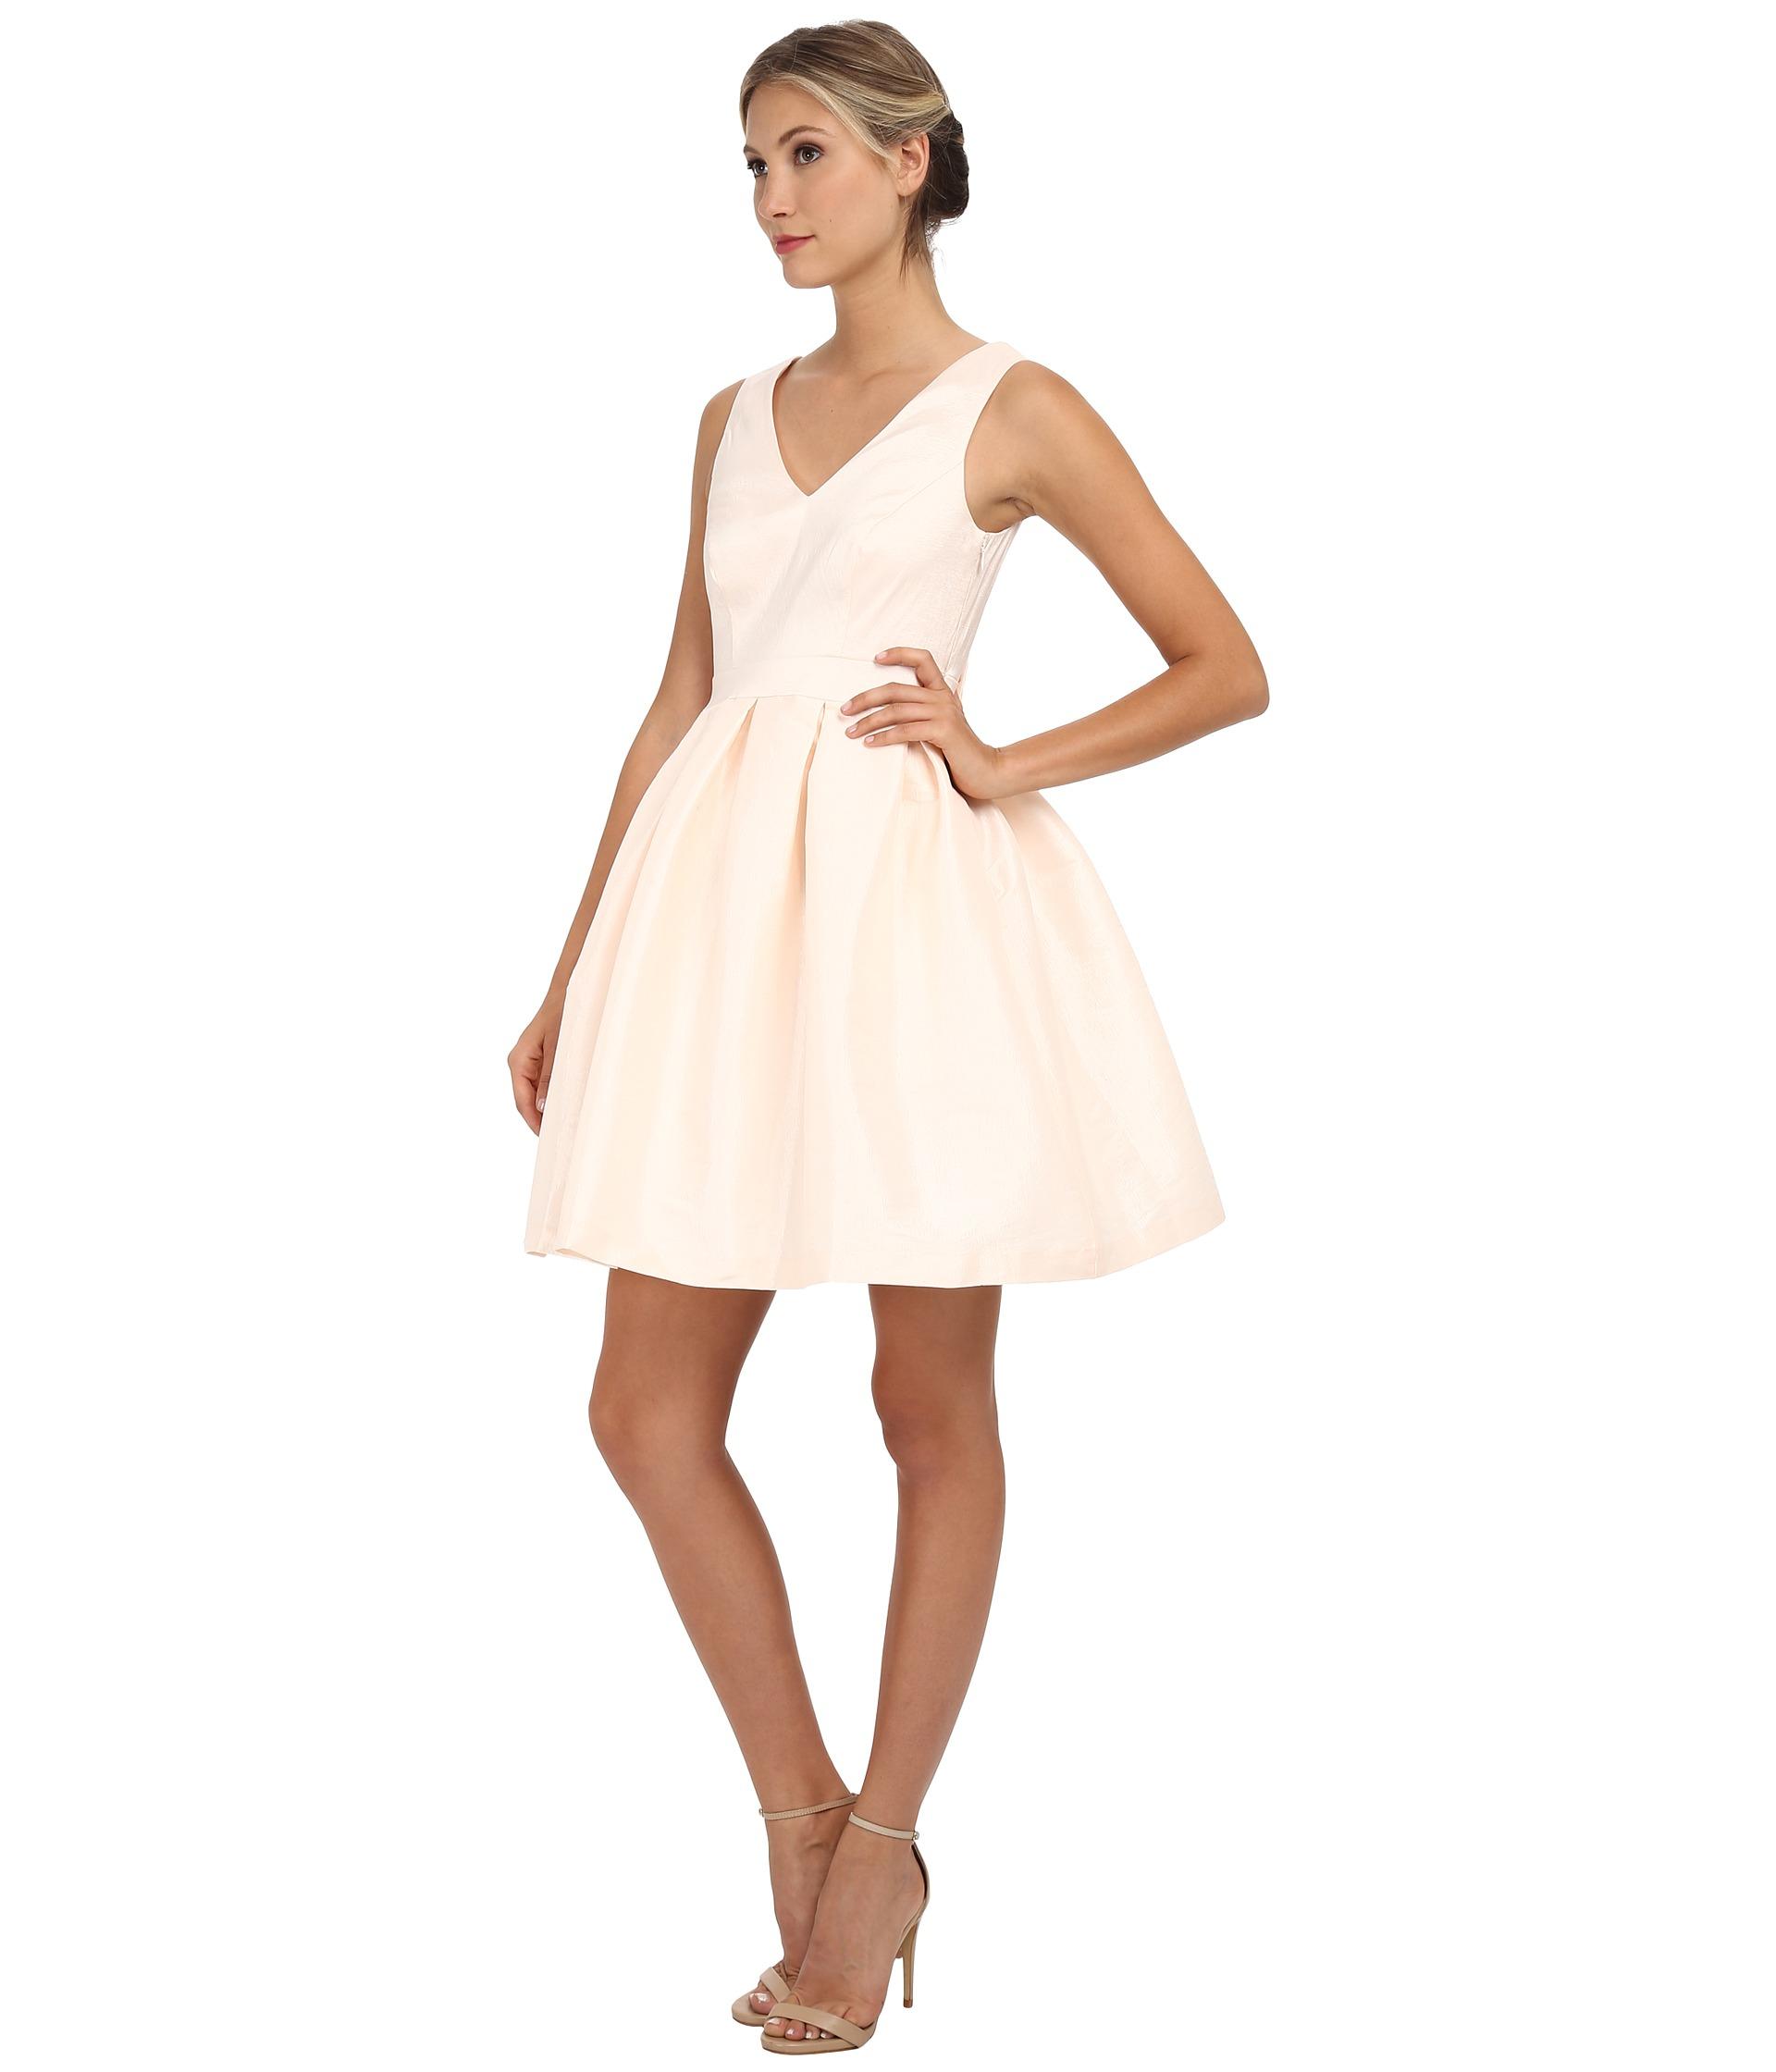 c48349925fcd Jessica Simpson Taffeta Fit & Flare Dress in Pink - Lyst